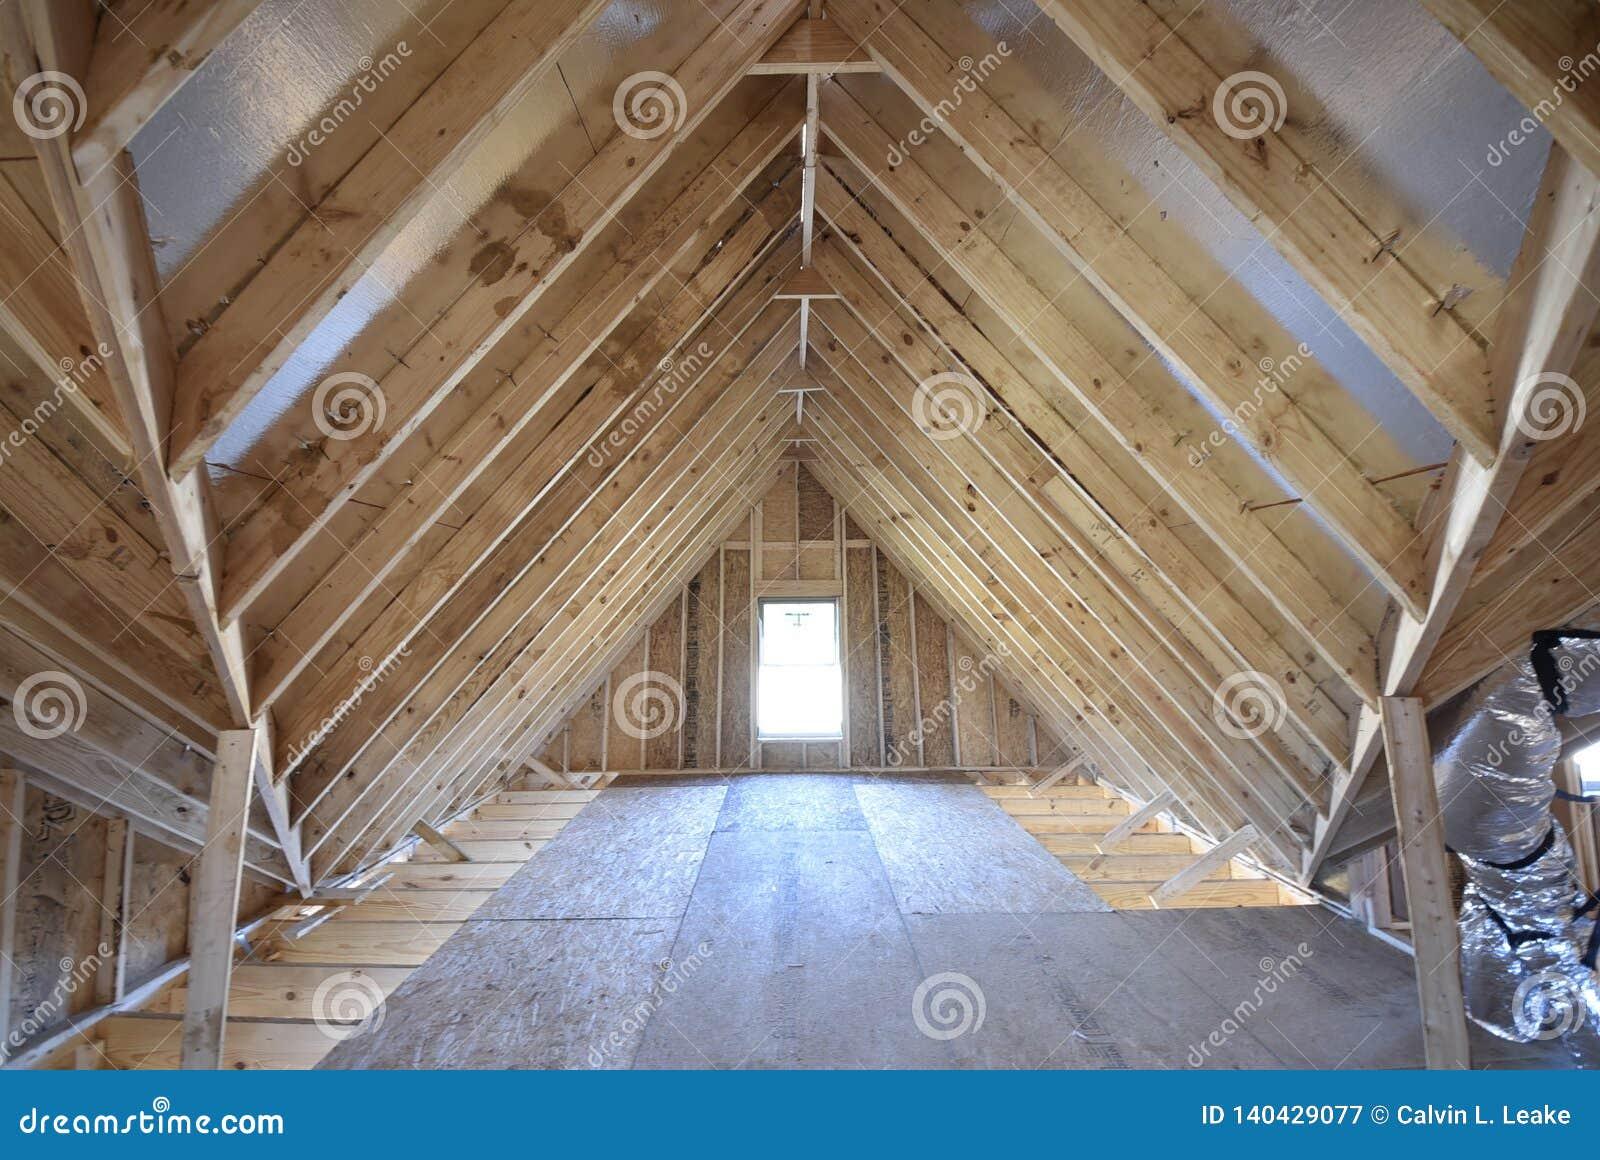 Обрамлять чердака и конструкция переводины новая домашняя